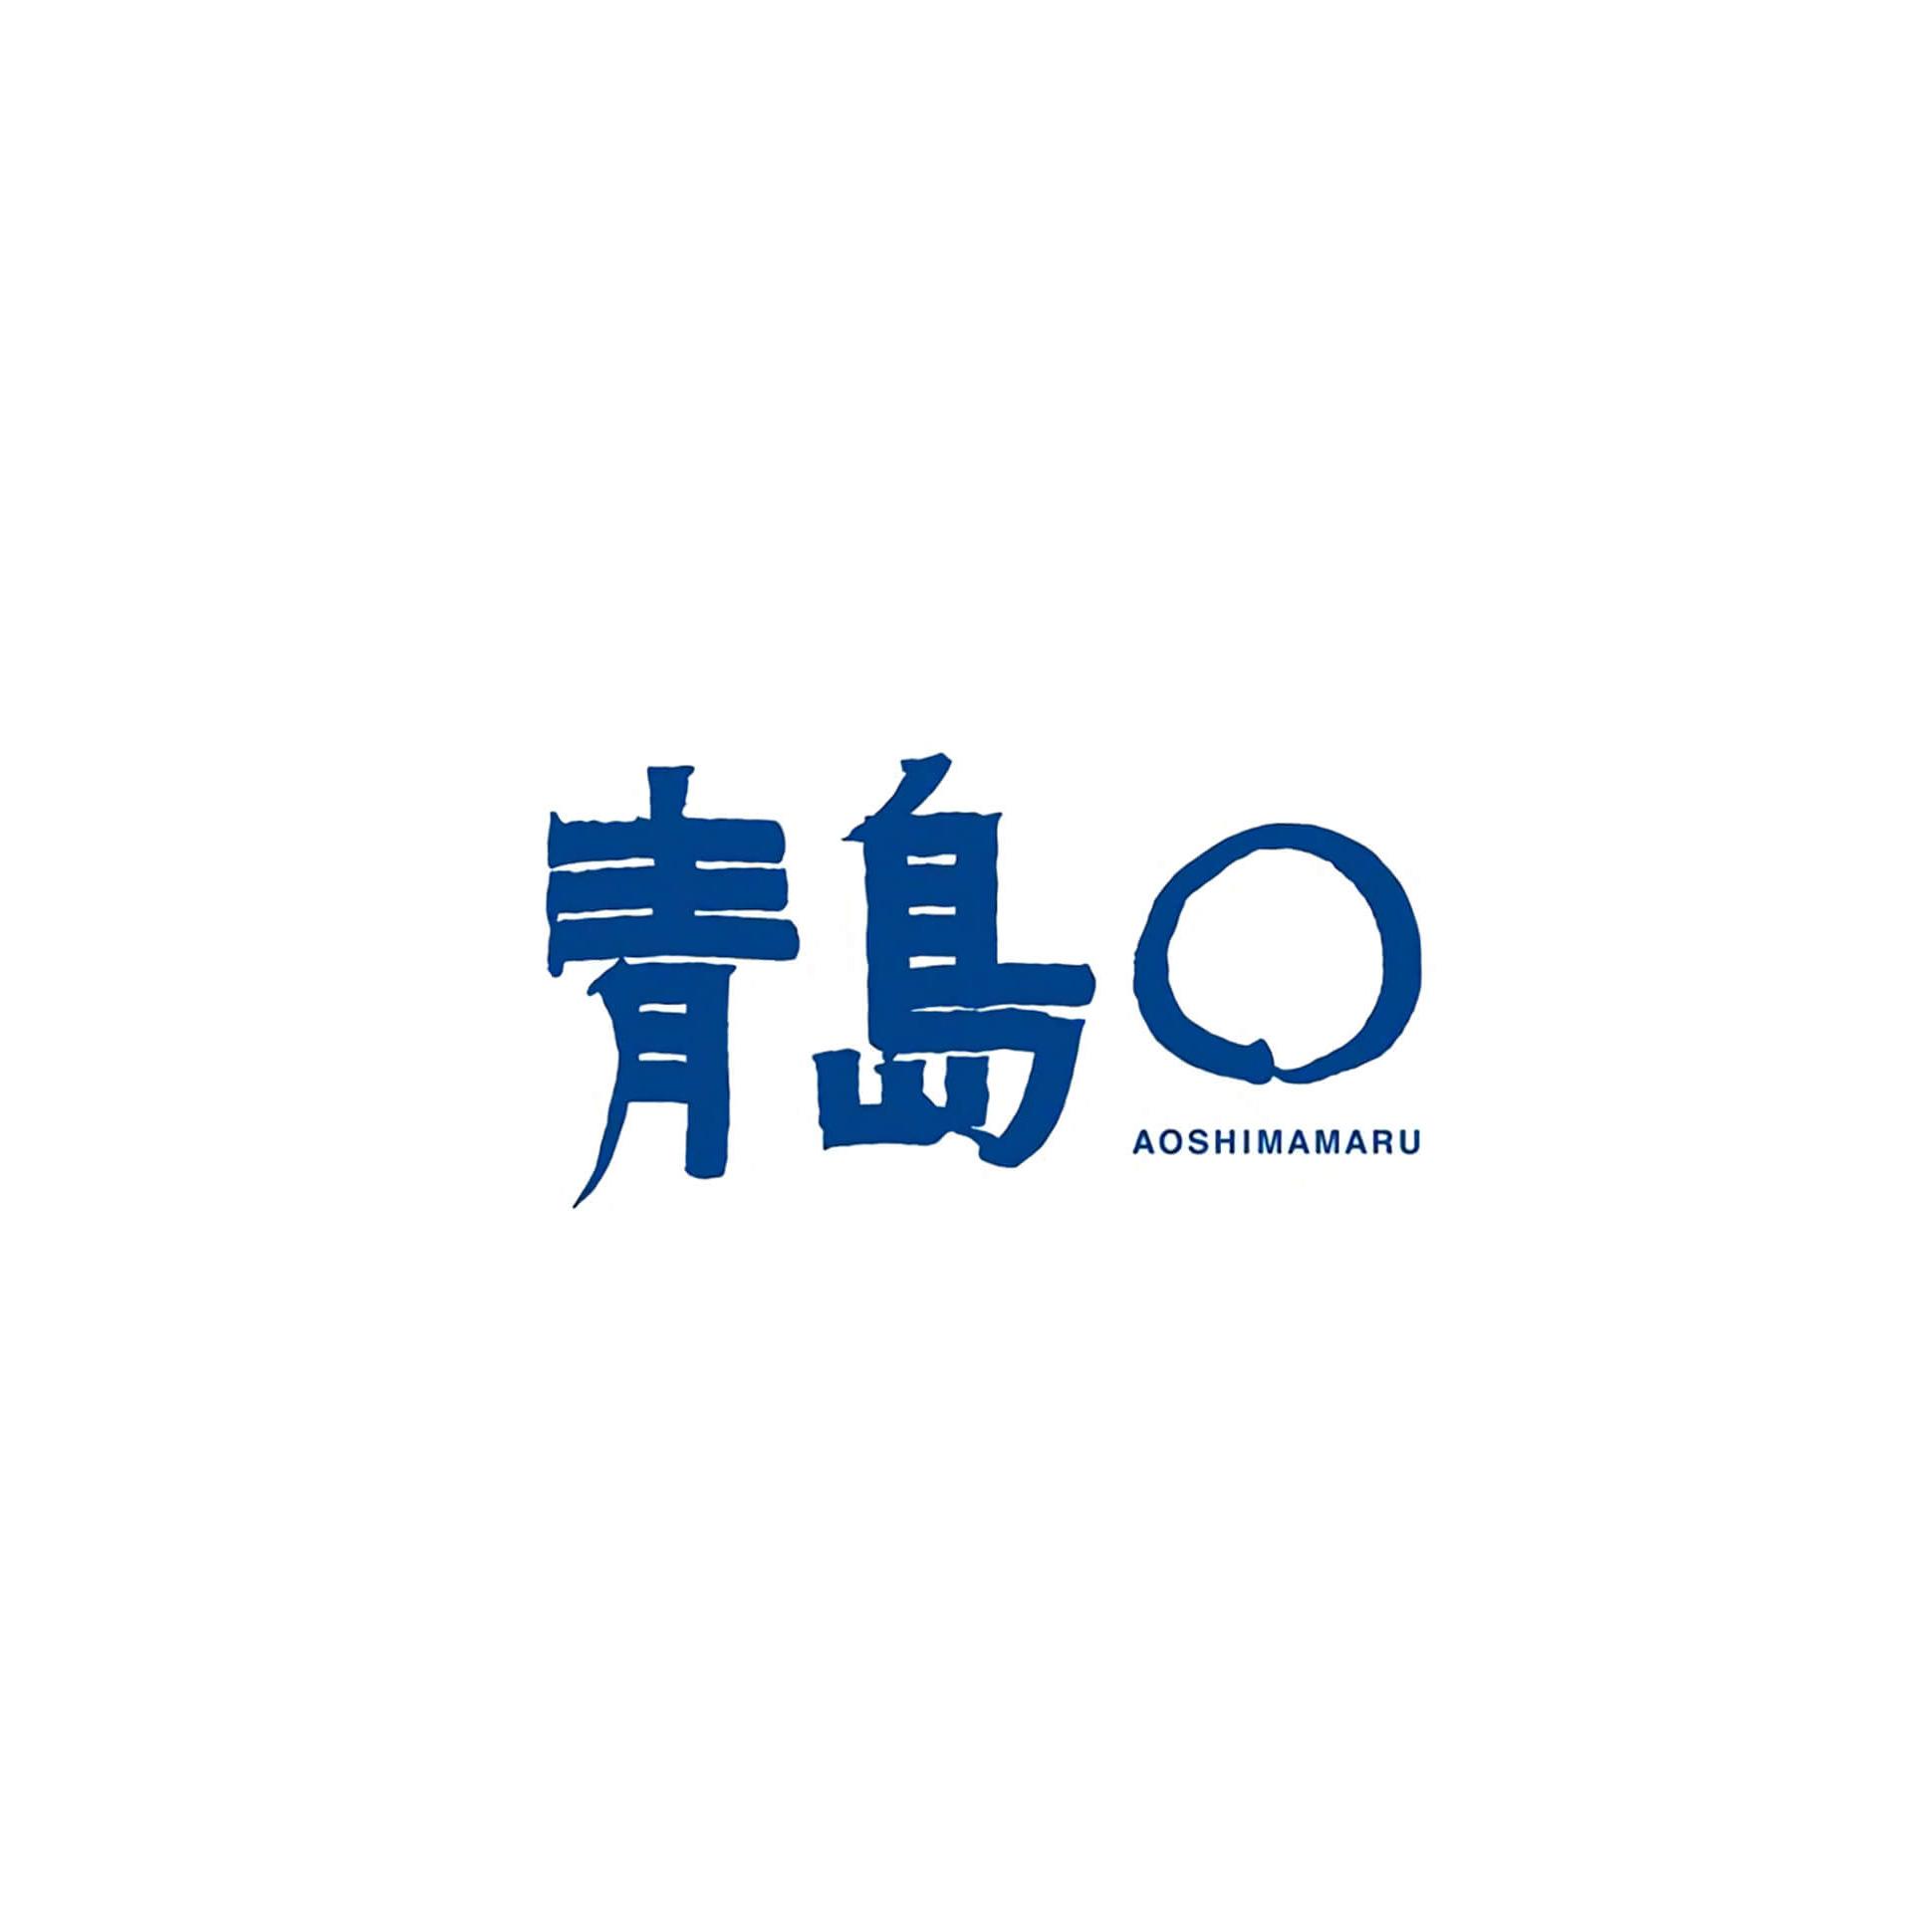 長崎県松浦市プロジェクト 青島〇